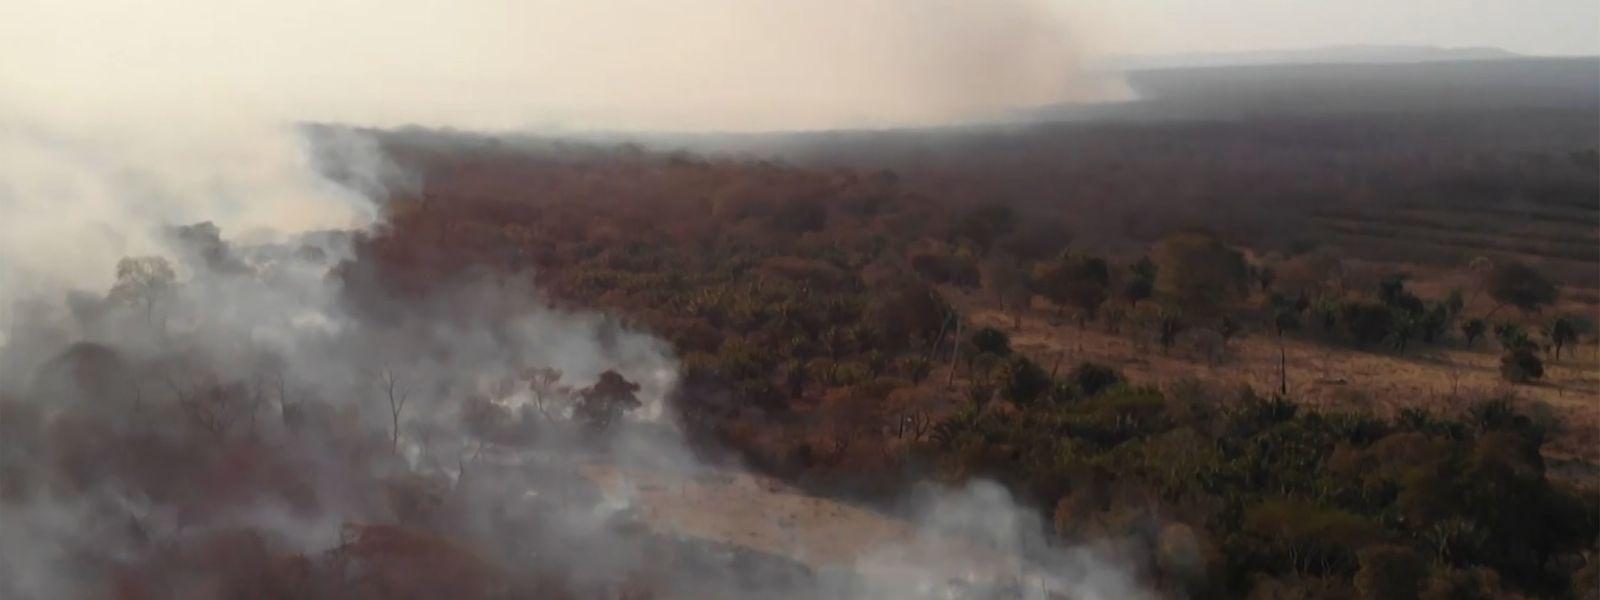 L'Institut national de recherche spatiale (INPE) a fait état de près de 2.500 nouveaux départs de feu en l'espace de 48 heures dans l'ensemble du Brésil.